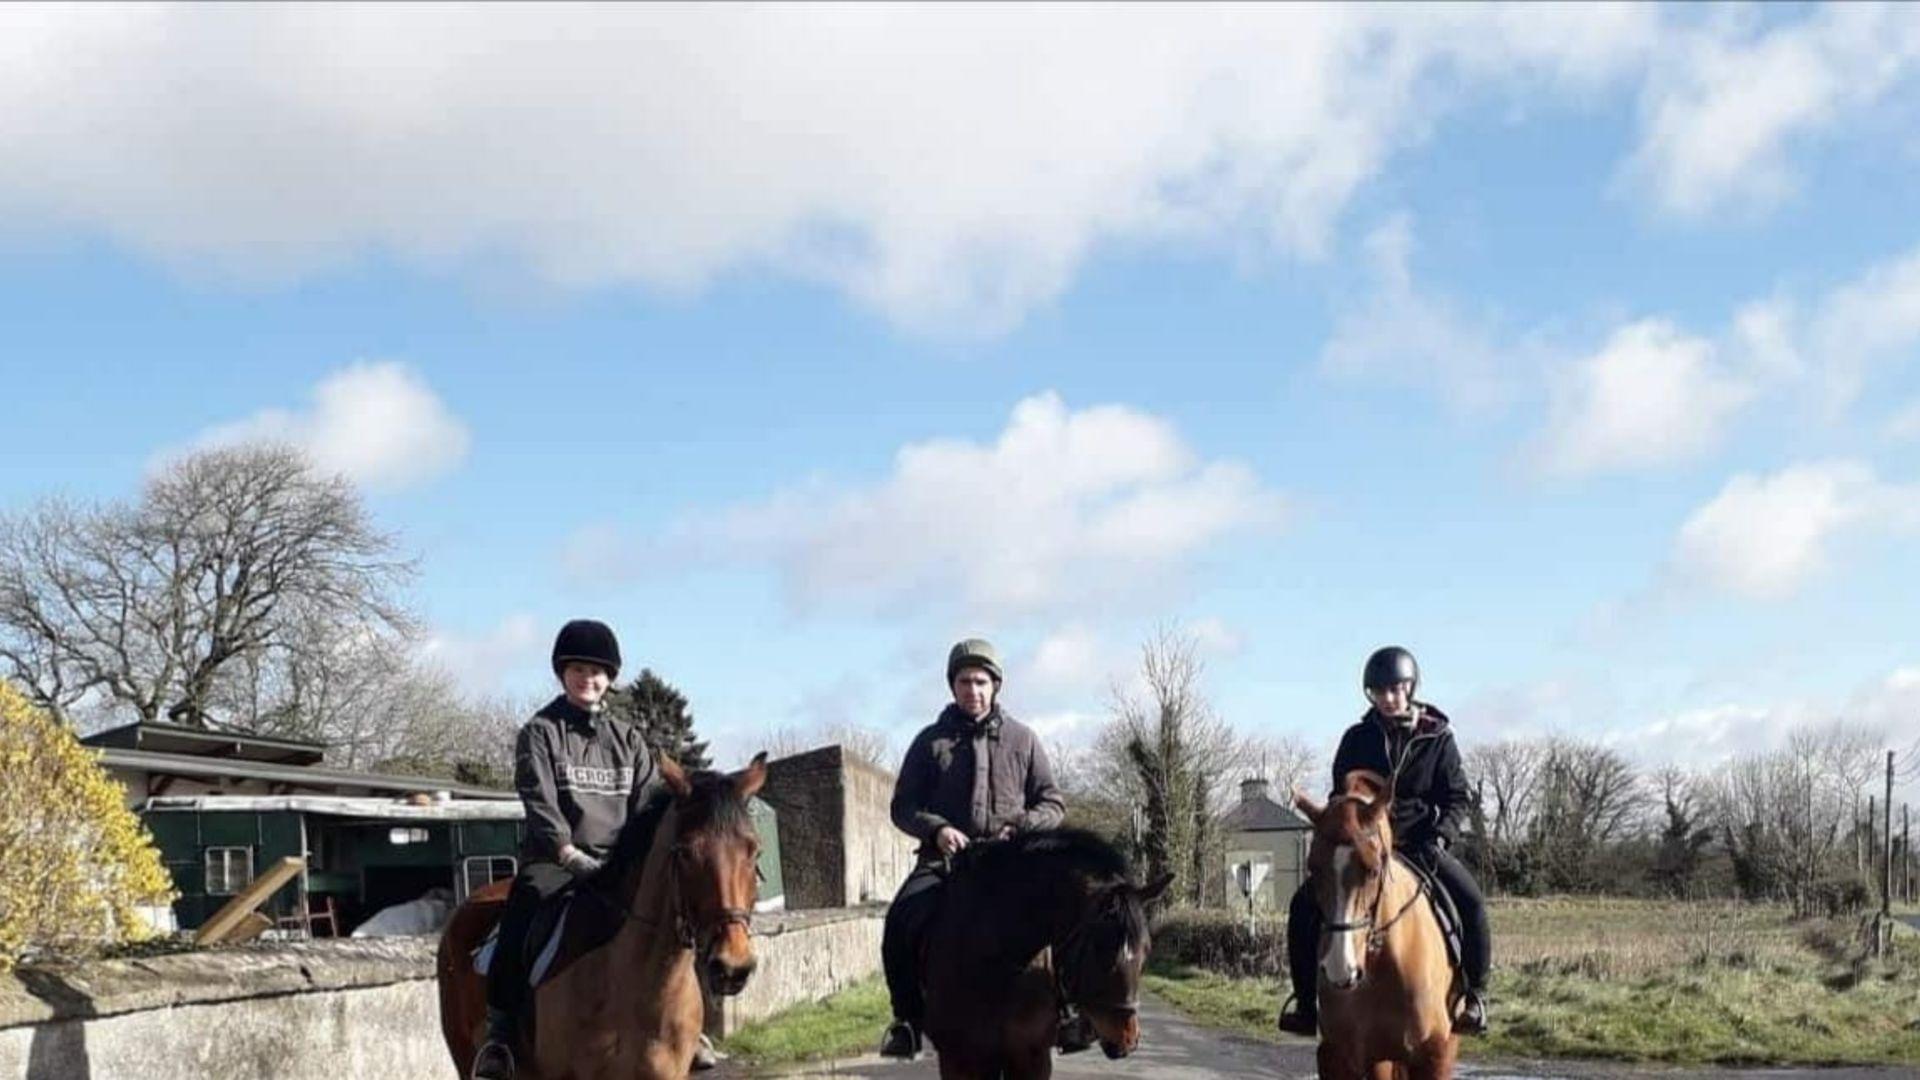 Utlandspraktiken på Irland gav Josefin nya erfarenheter kring hästhållning